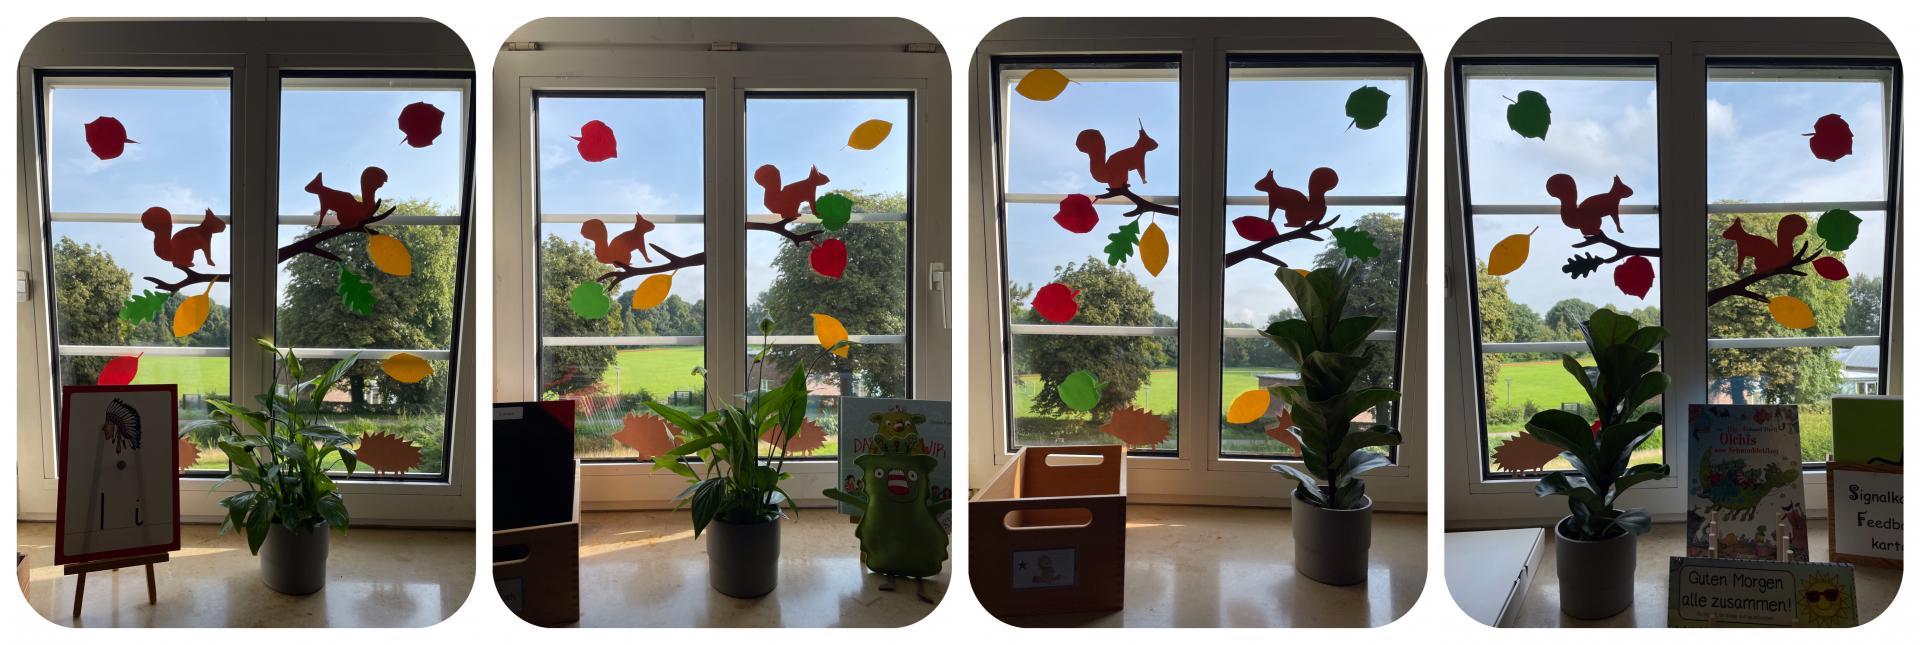 Herbstfenster 1a